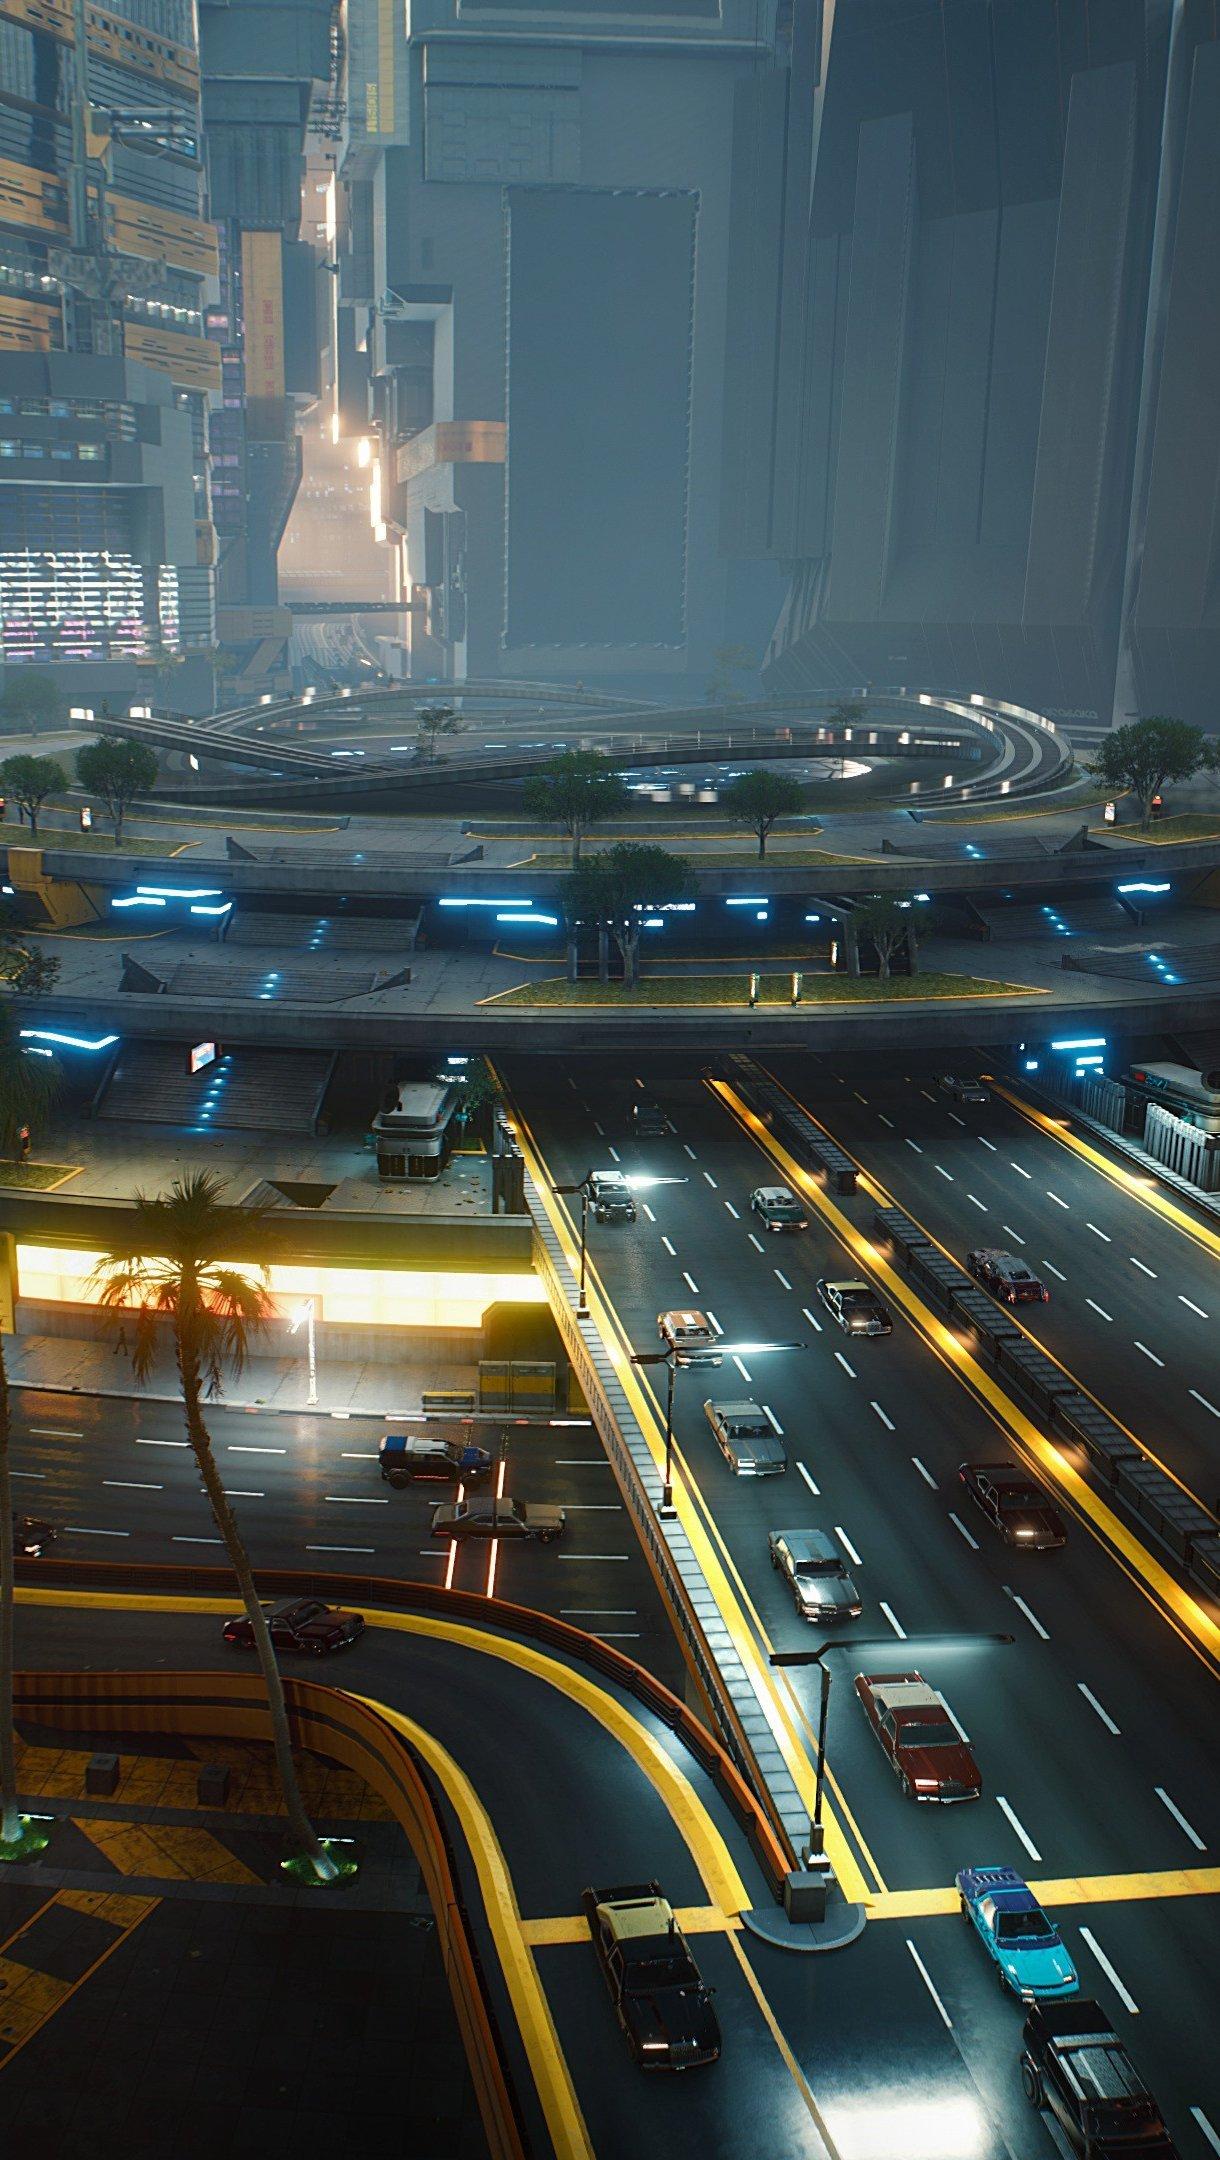 Wallpaper Cyberpunk 2077 Highway Vertical